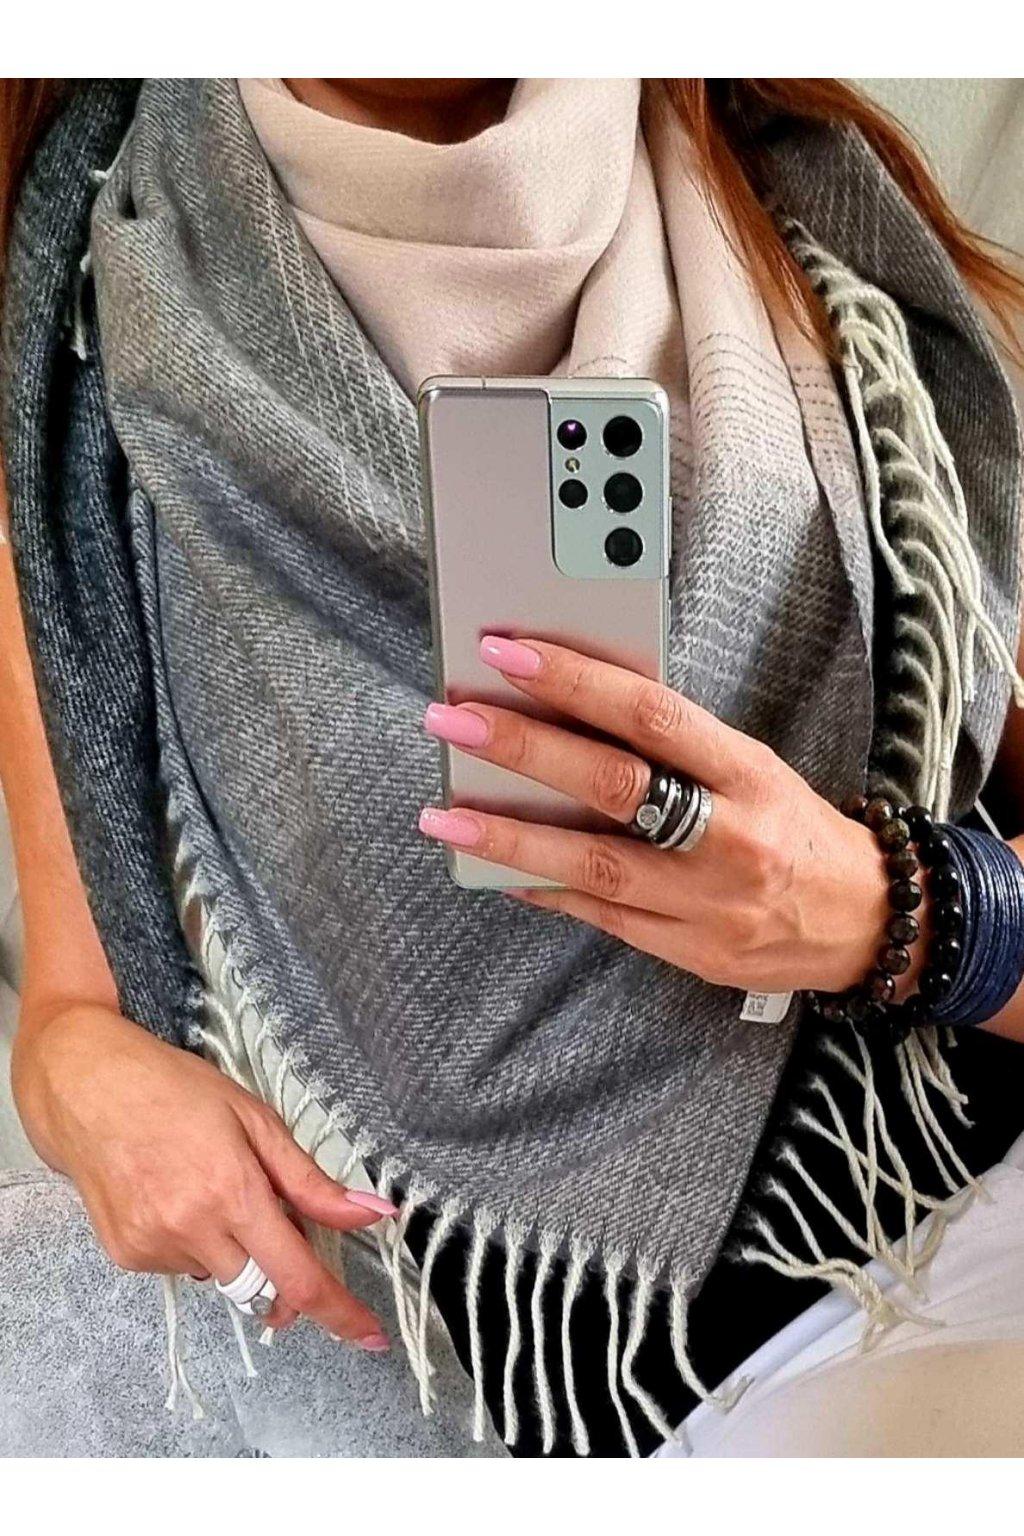 šátek trendy florence černošedorůžový vlna